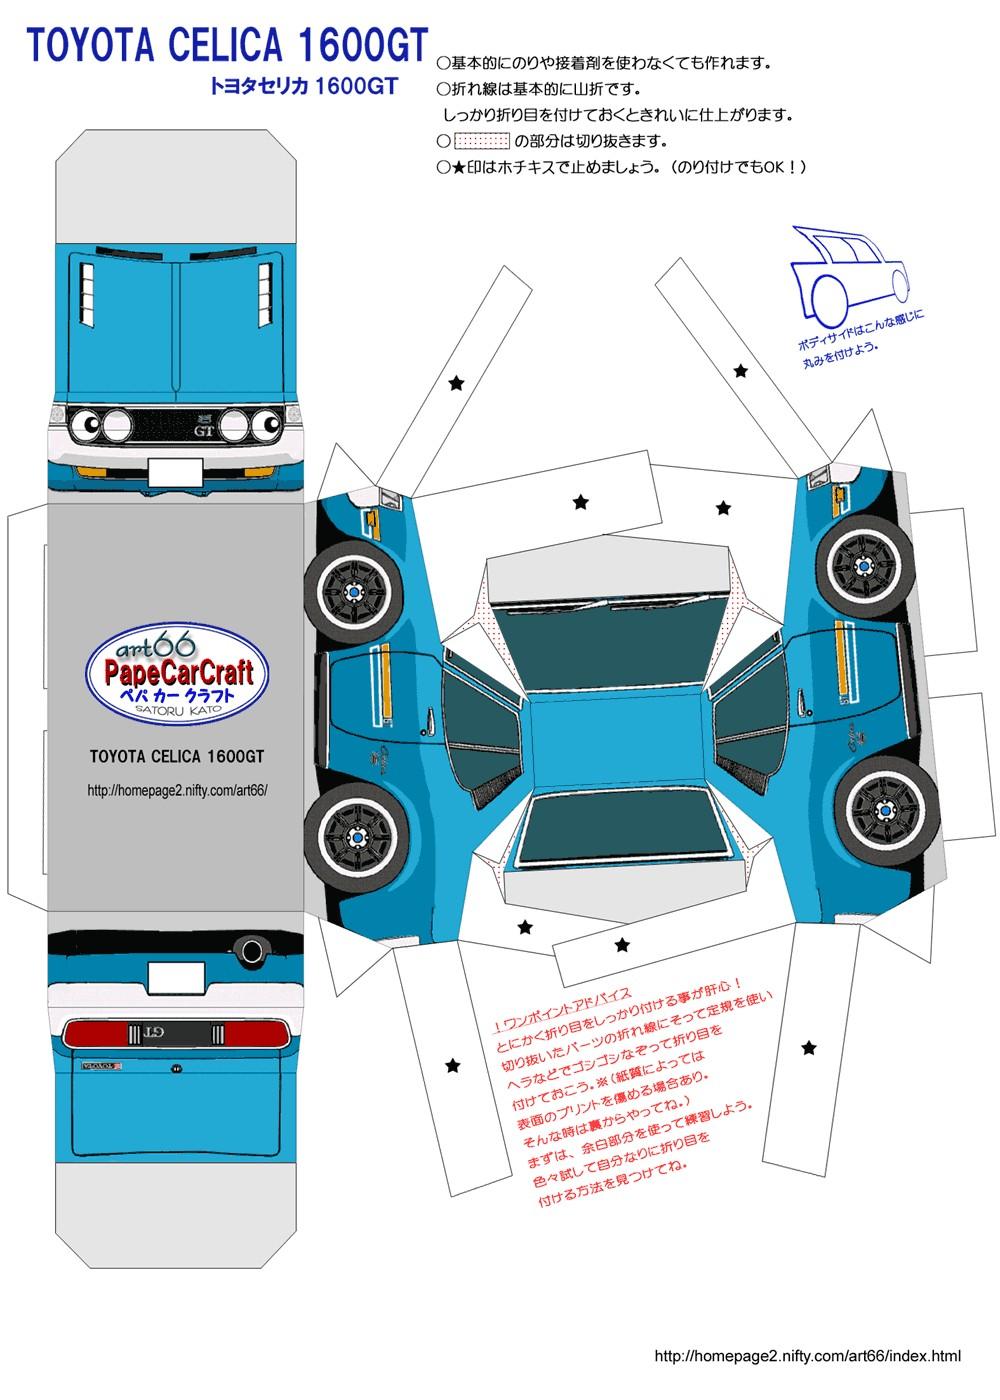 Papercraft Model Imprima Recorte E Cole Seu Papercraft De Carro ´nibus Ou Caminh£o